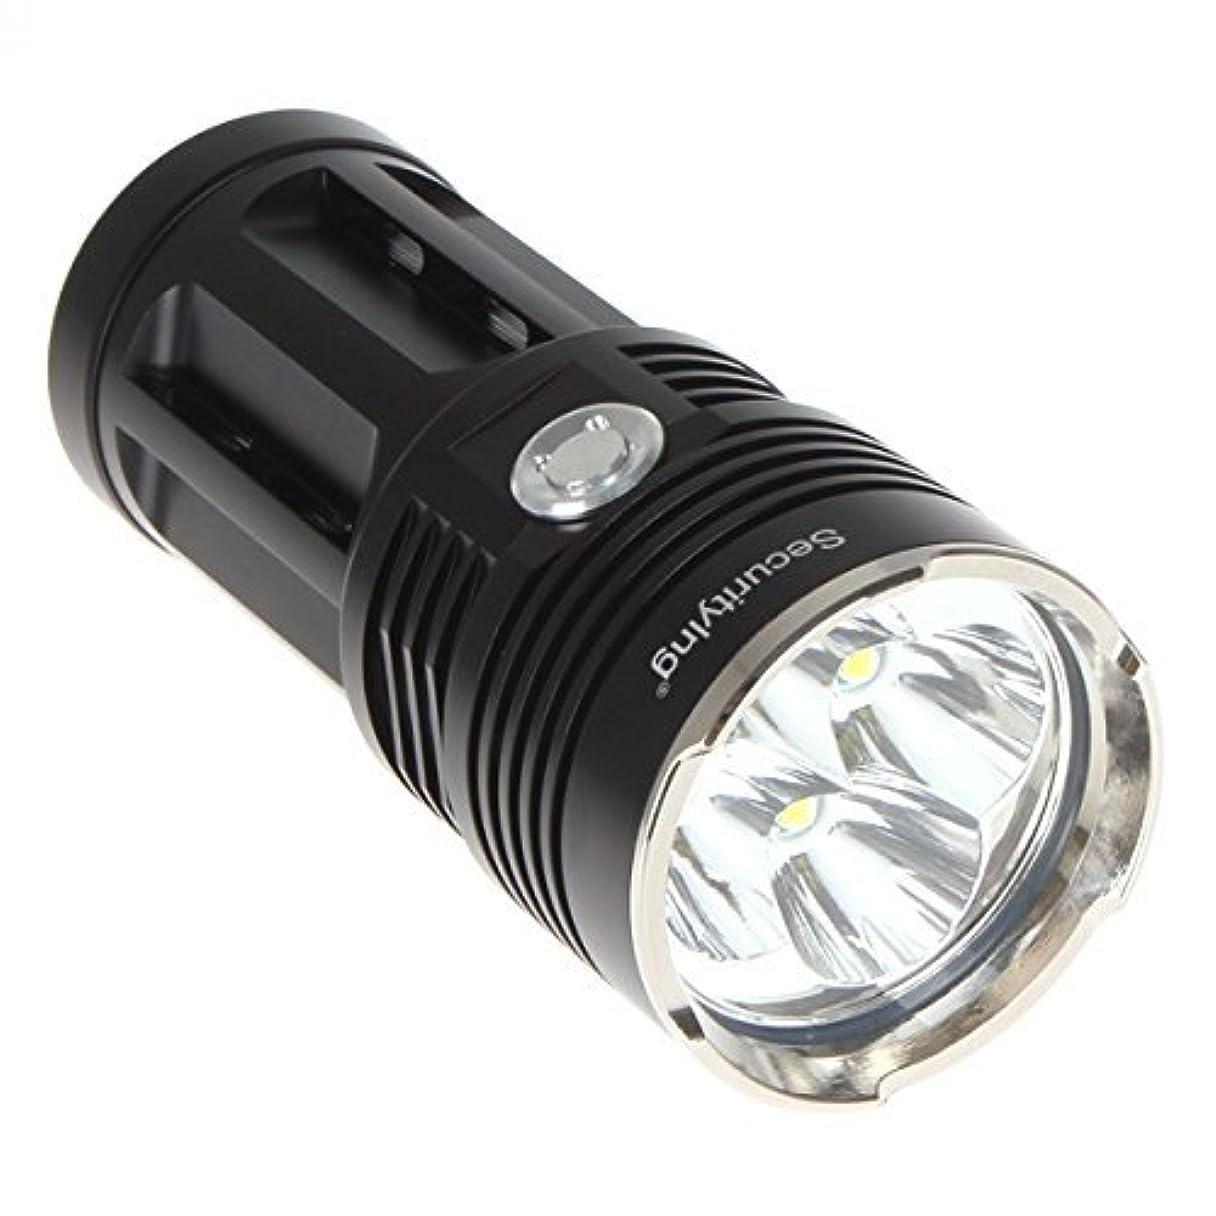 ギネス中で自発Securitylng 2400ルーメン 防水懐中電灯 3モード 4 x Cree XM-L T6 LED 超高輝度 18650電池対応